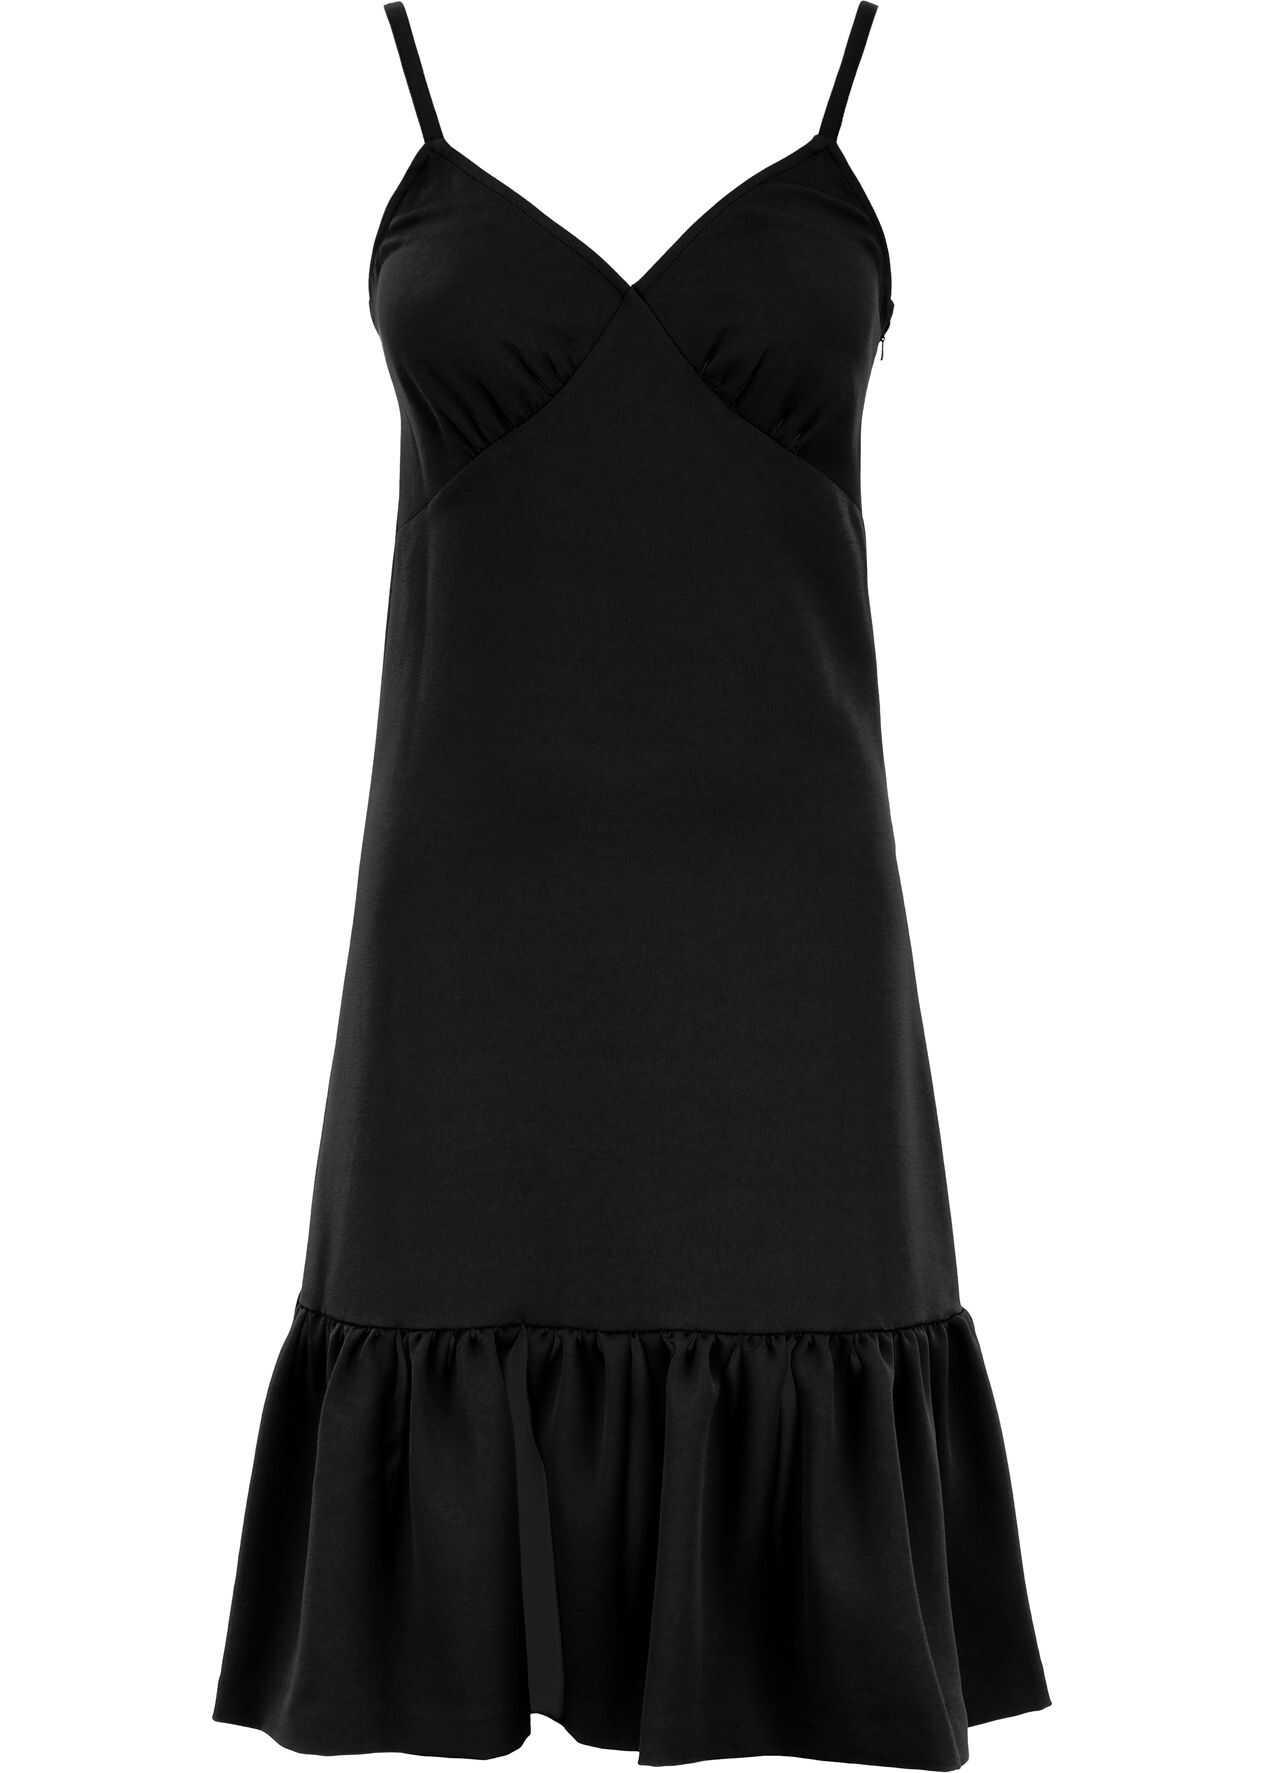 Michael Kors Ruffled Dress BLACK